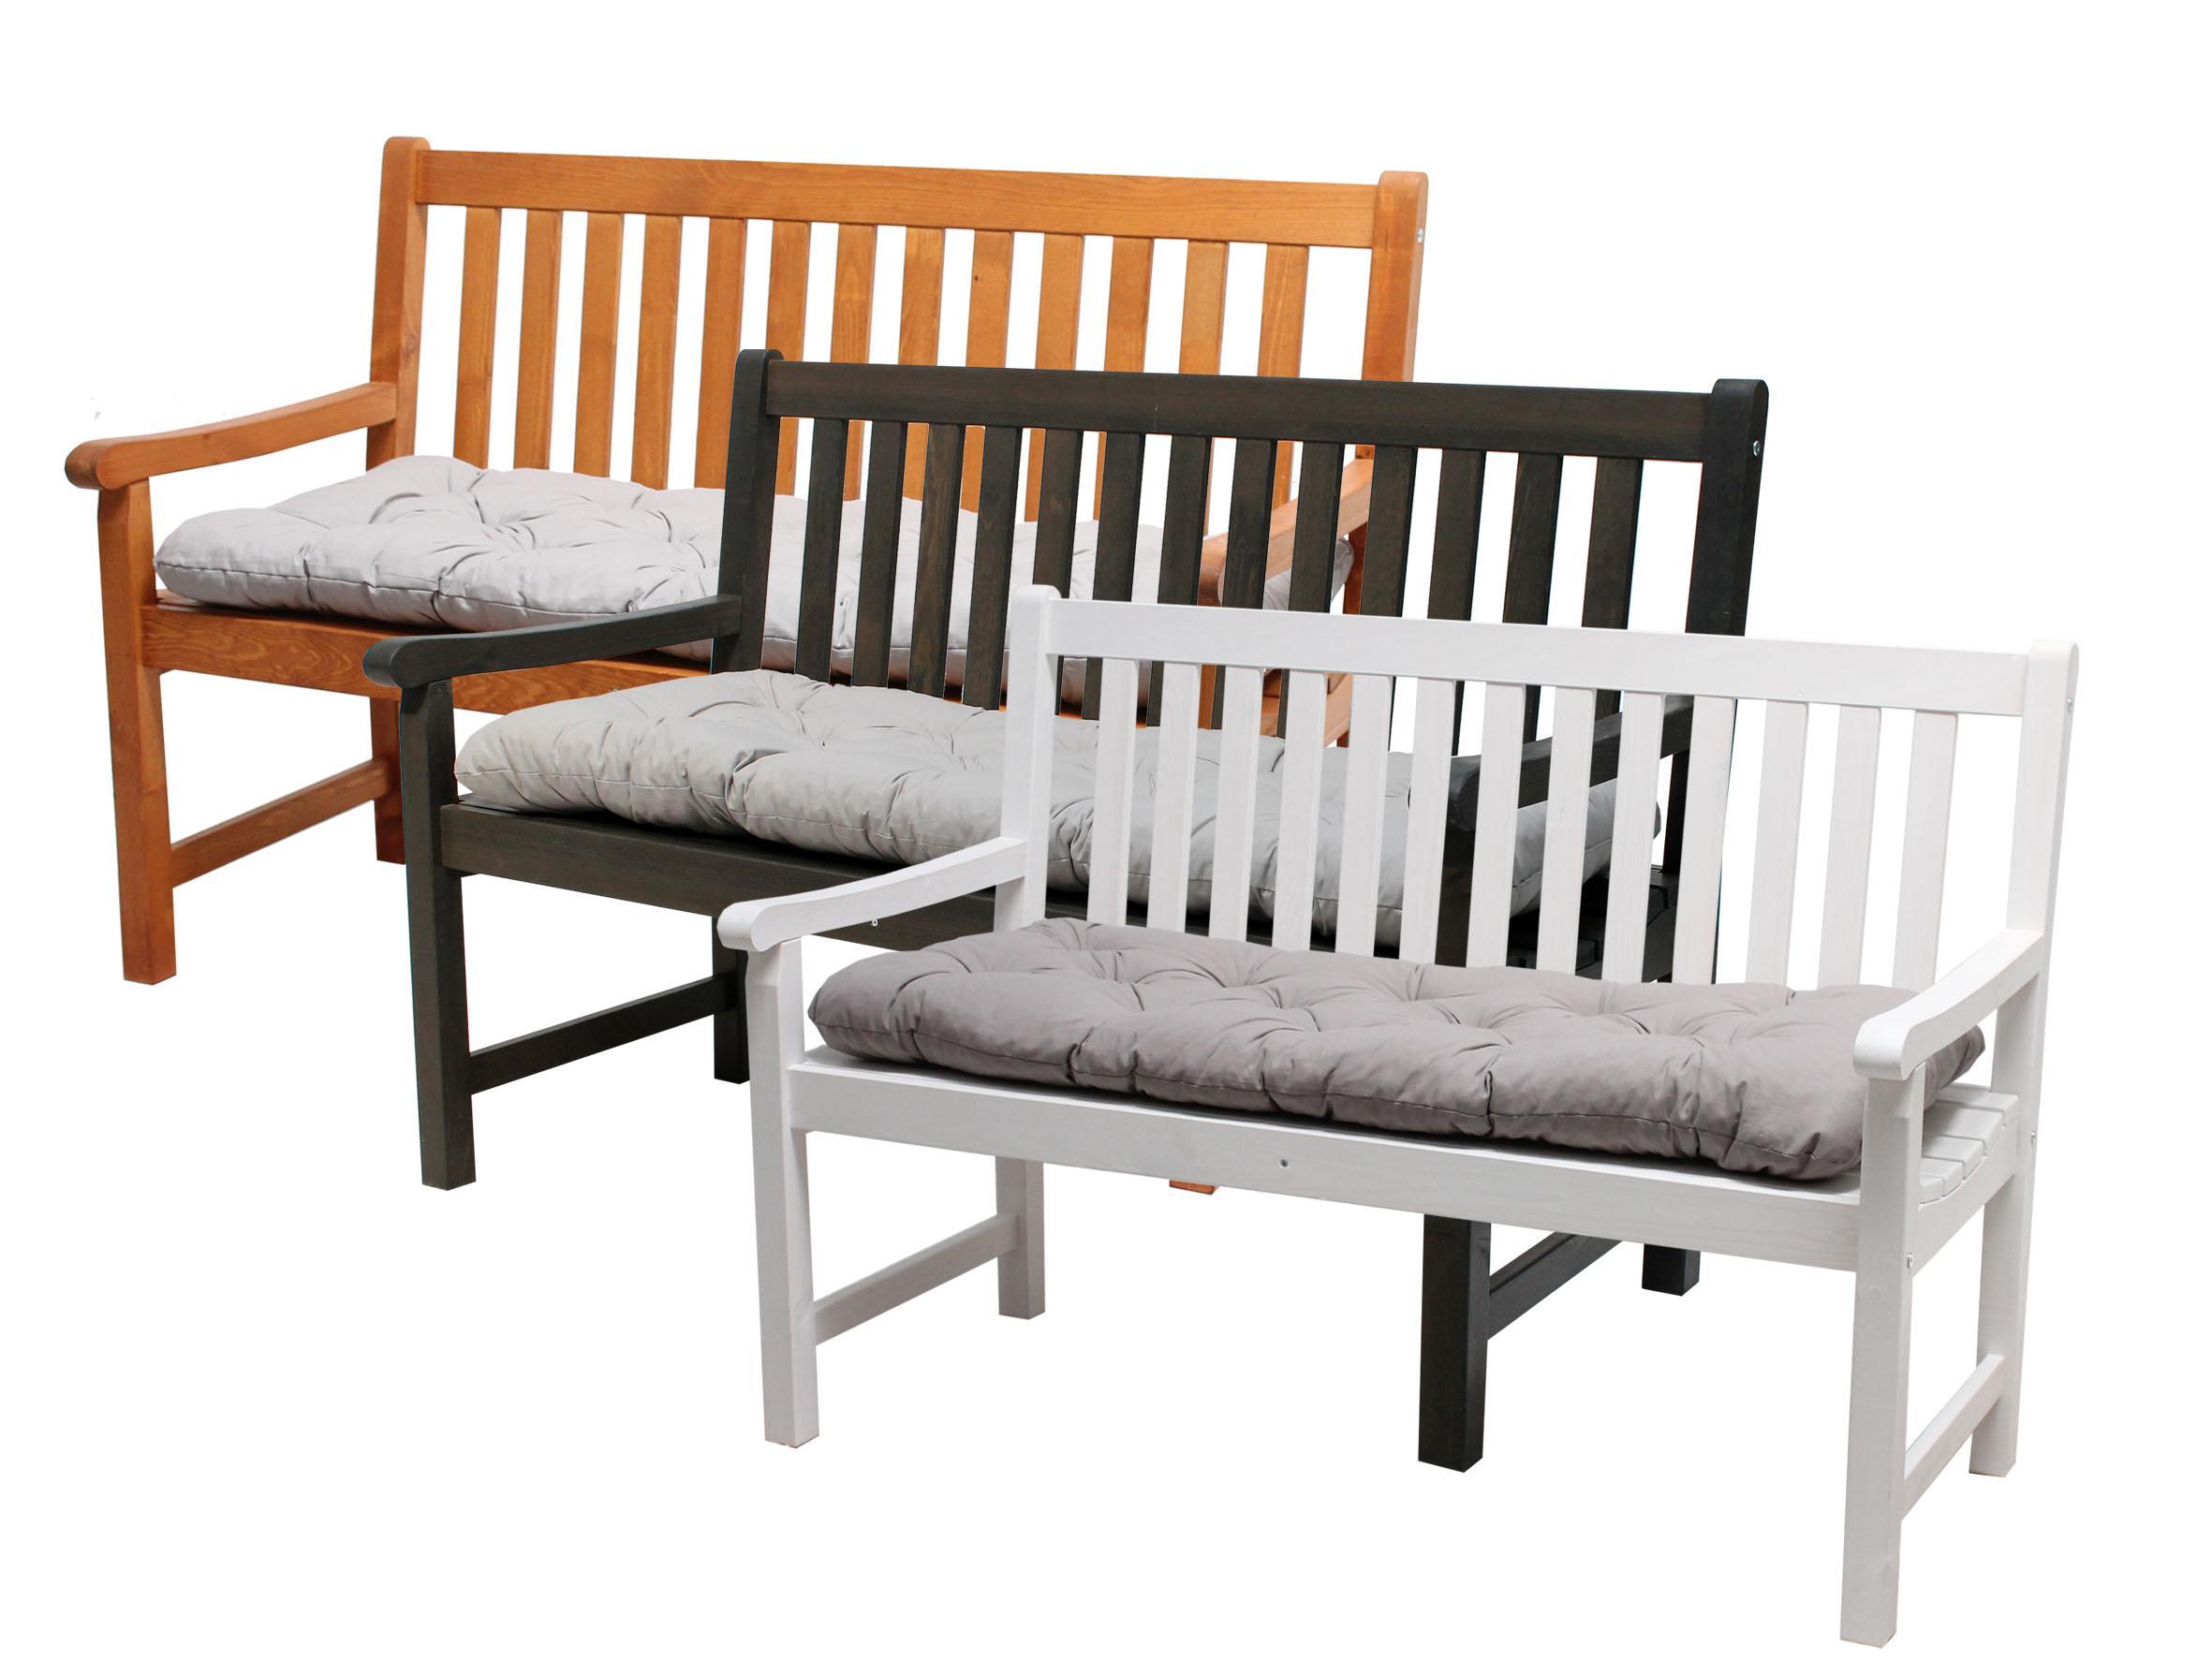 charmant gartenb nke aus kunststoff zeitgen ssisch die kinderzimmer design ideen. Black Bedroom Furniture Sets. Home Design Ideas